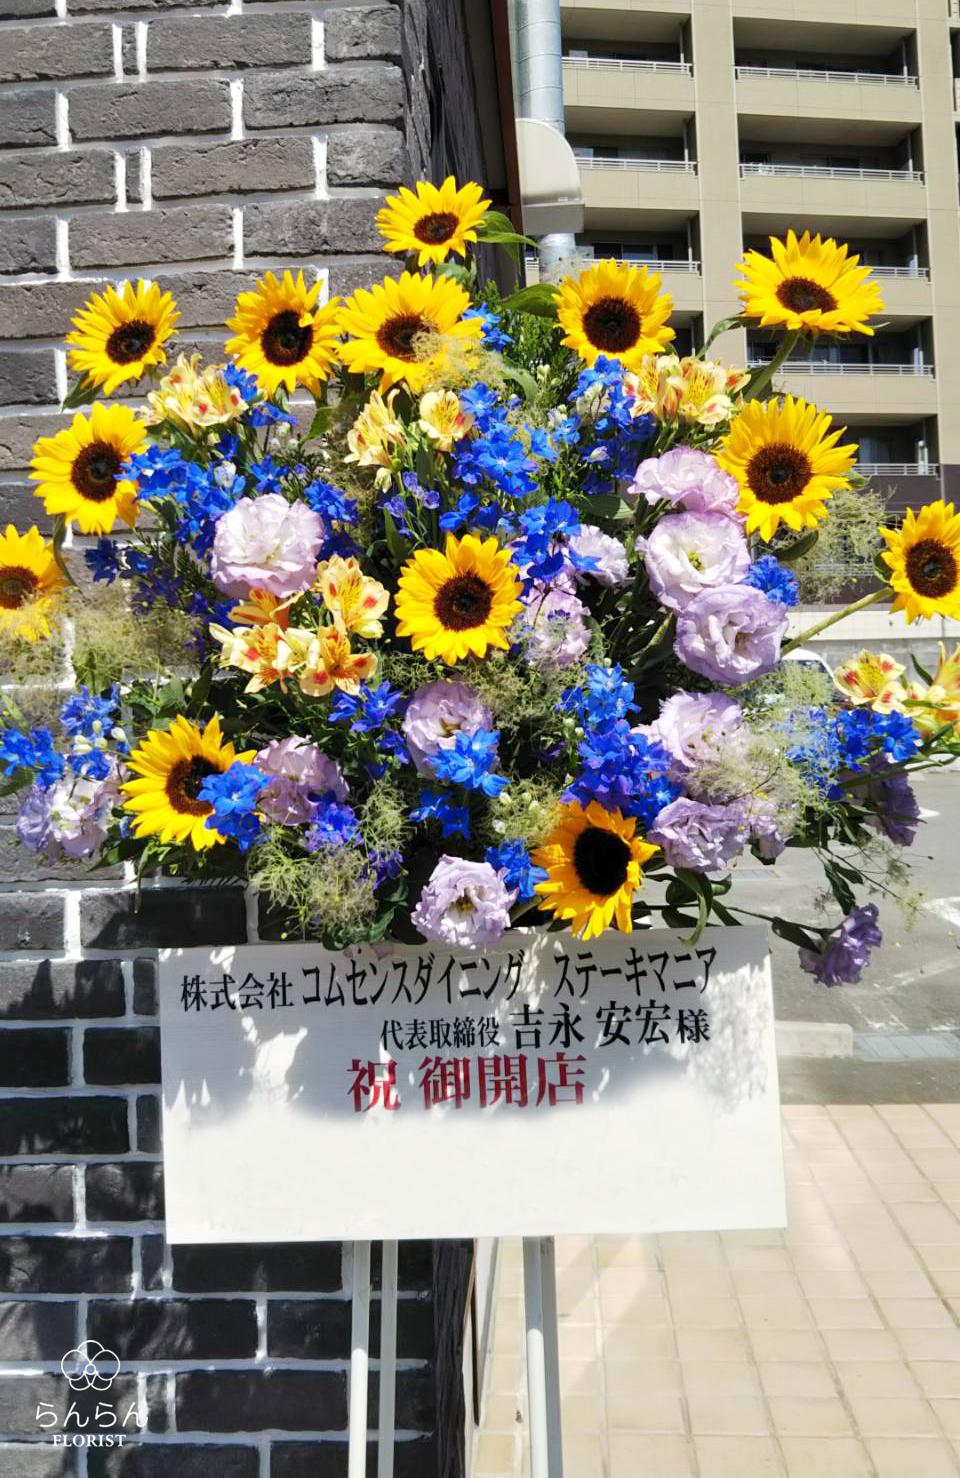 ステーキマニア 福岡箱崎店 スタンド花